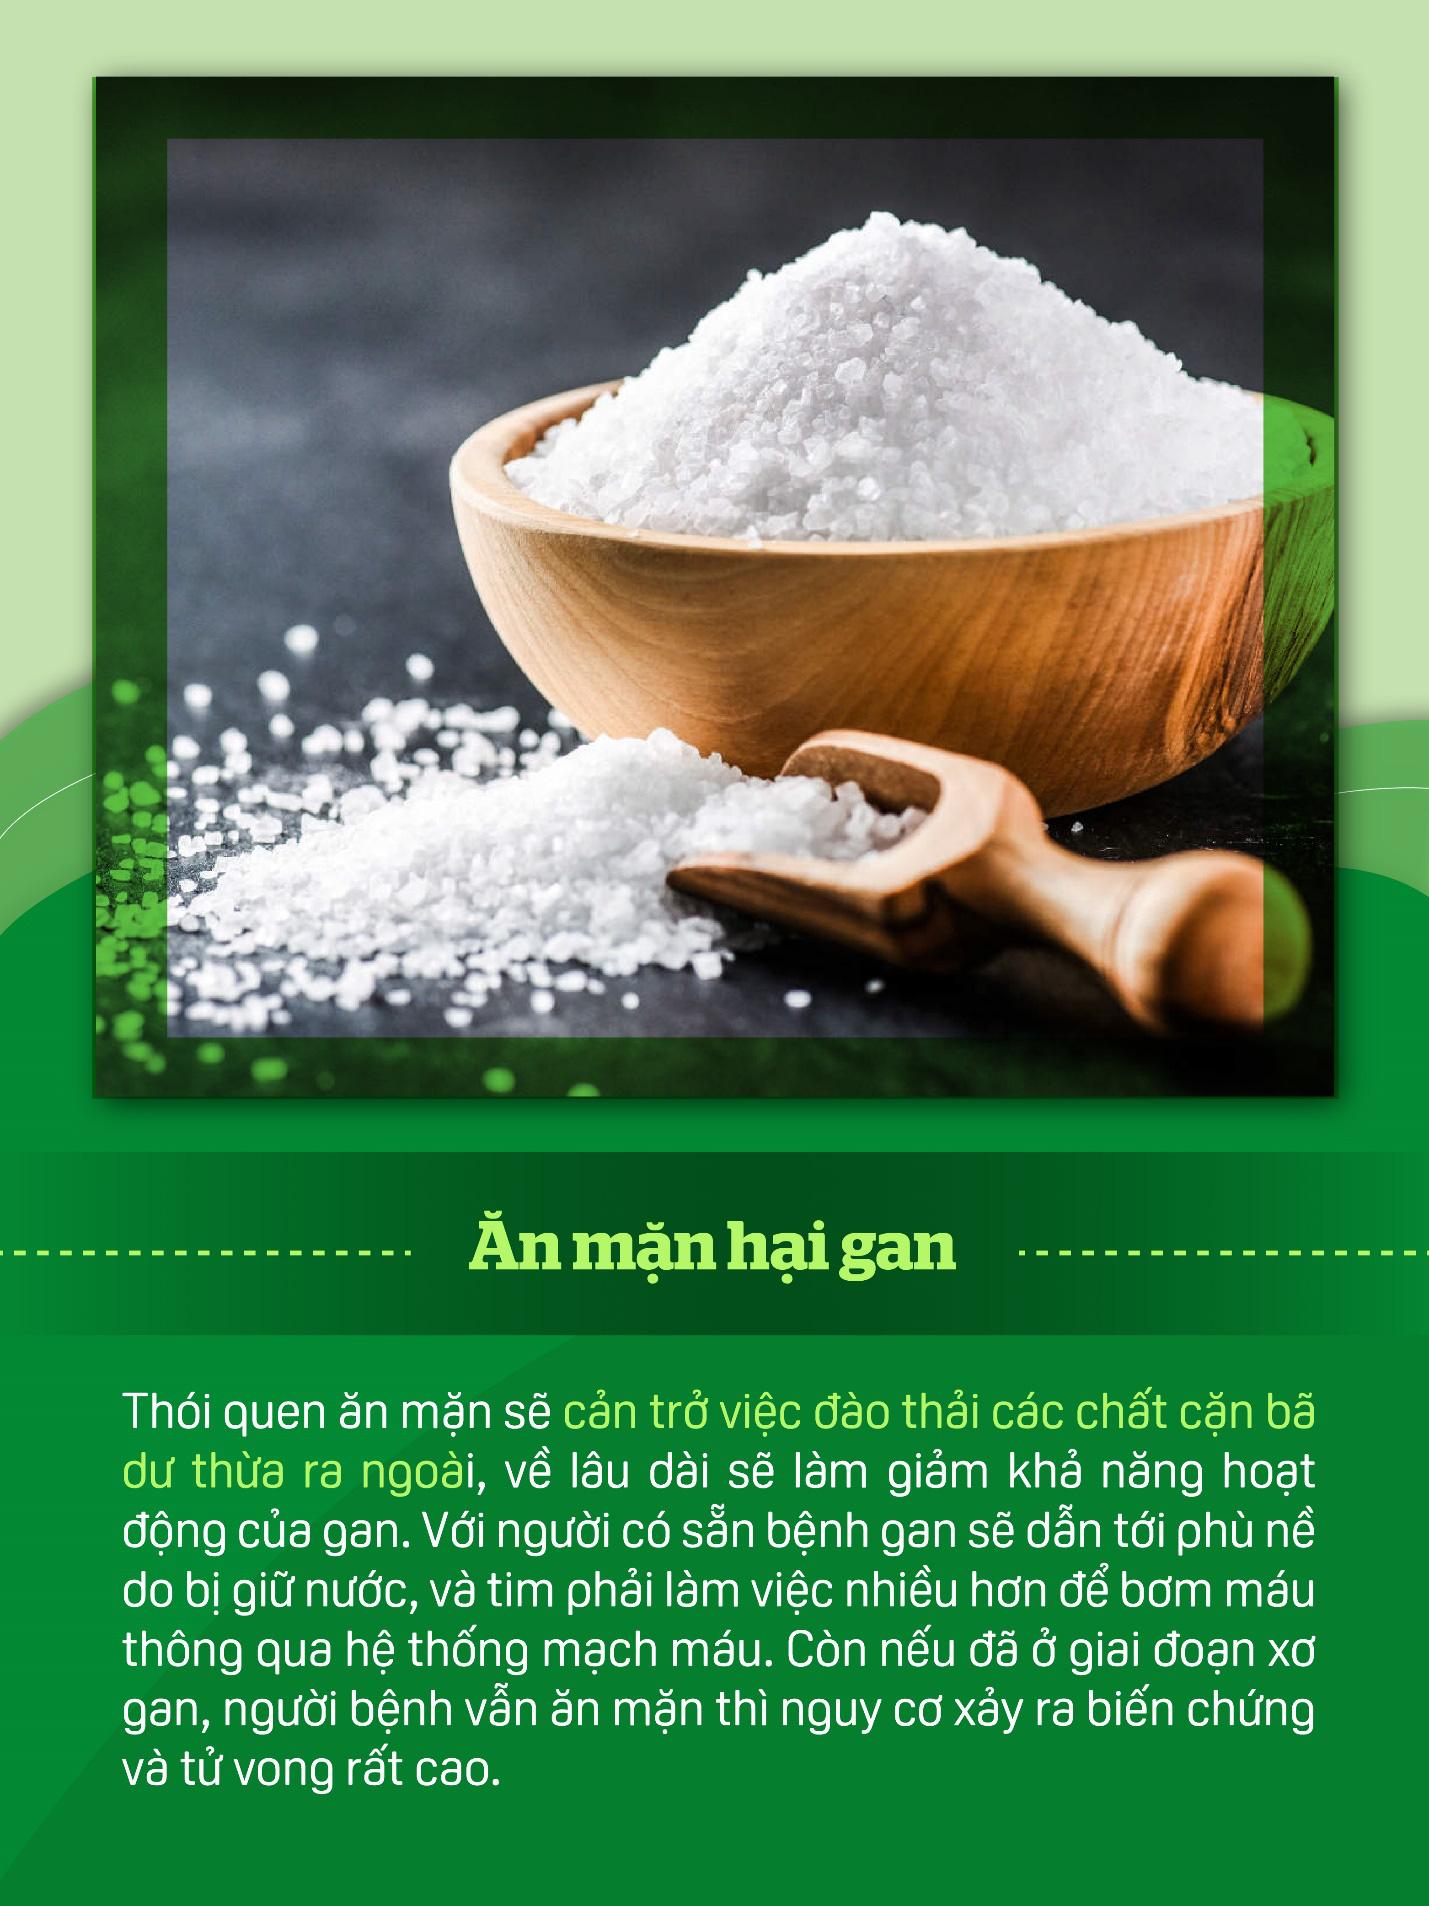 Nấu ăn mùa nắng nóng nhớ hạn chế những thực phẩm này để bảo vệ gan - Ảnh 7.